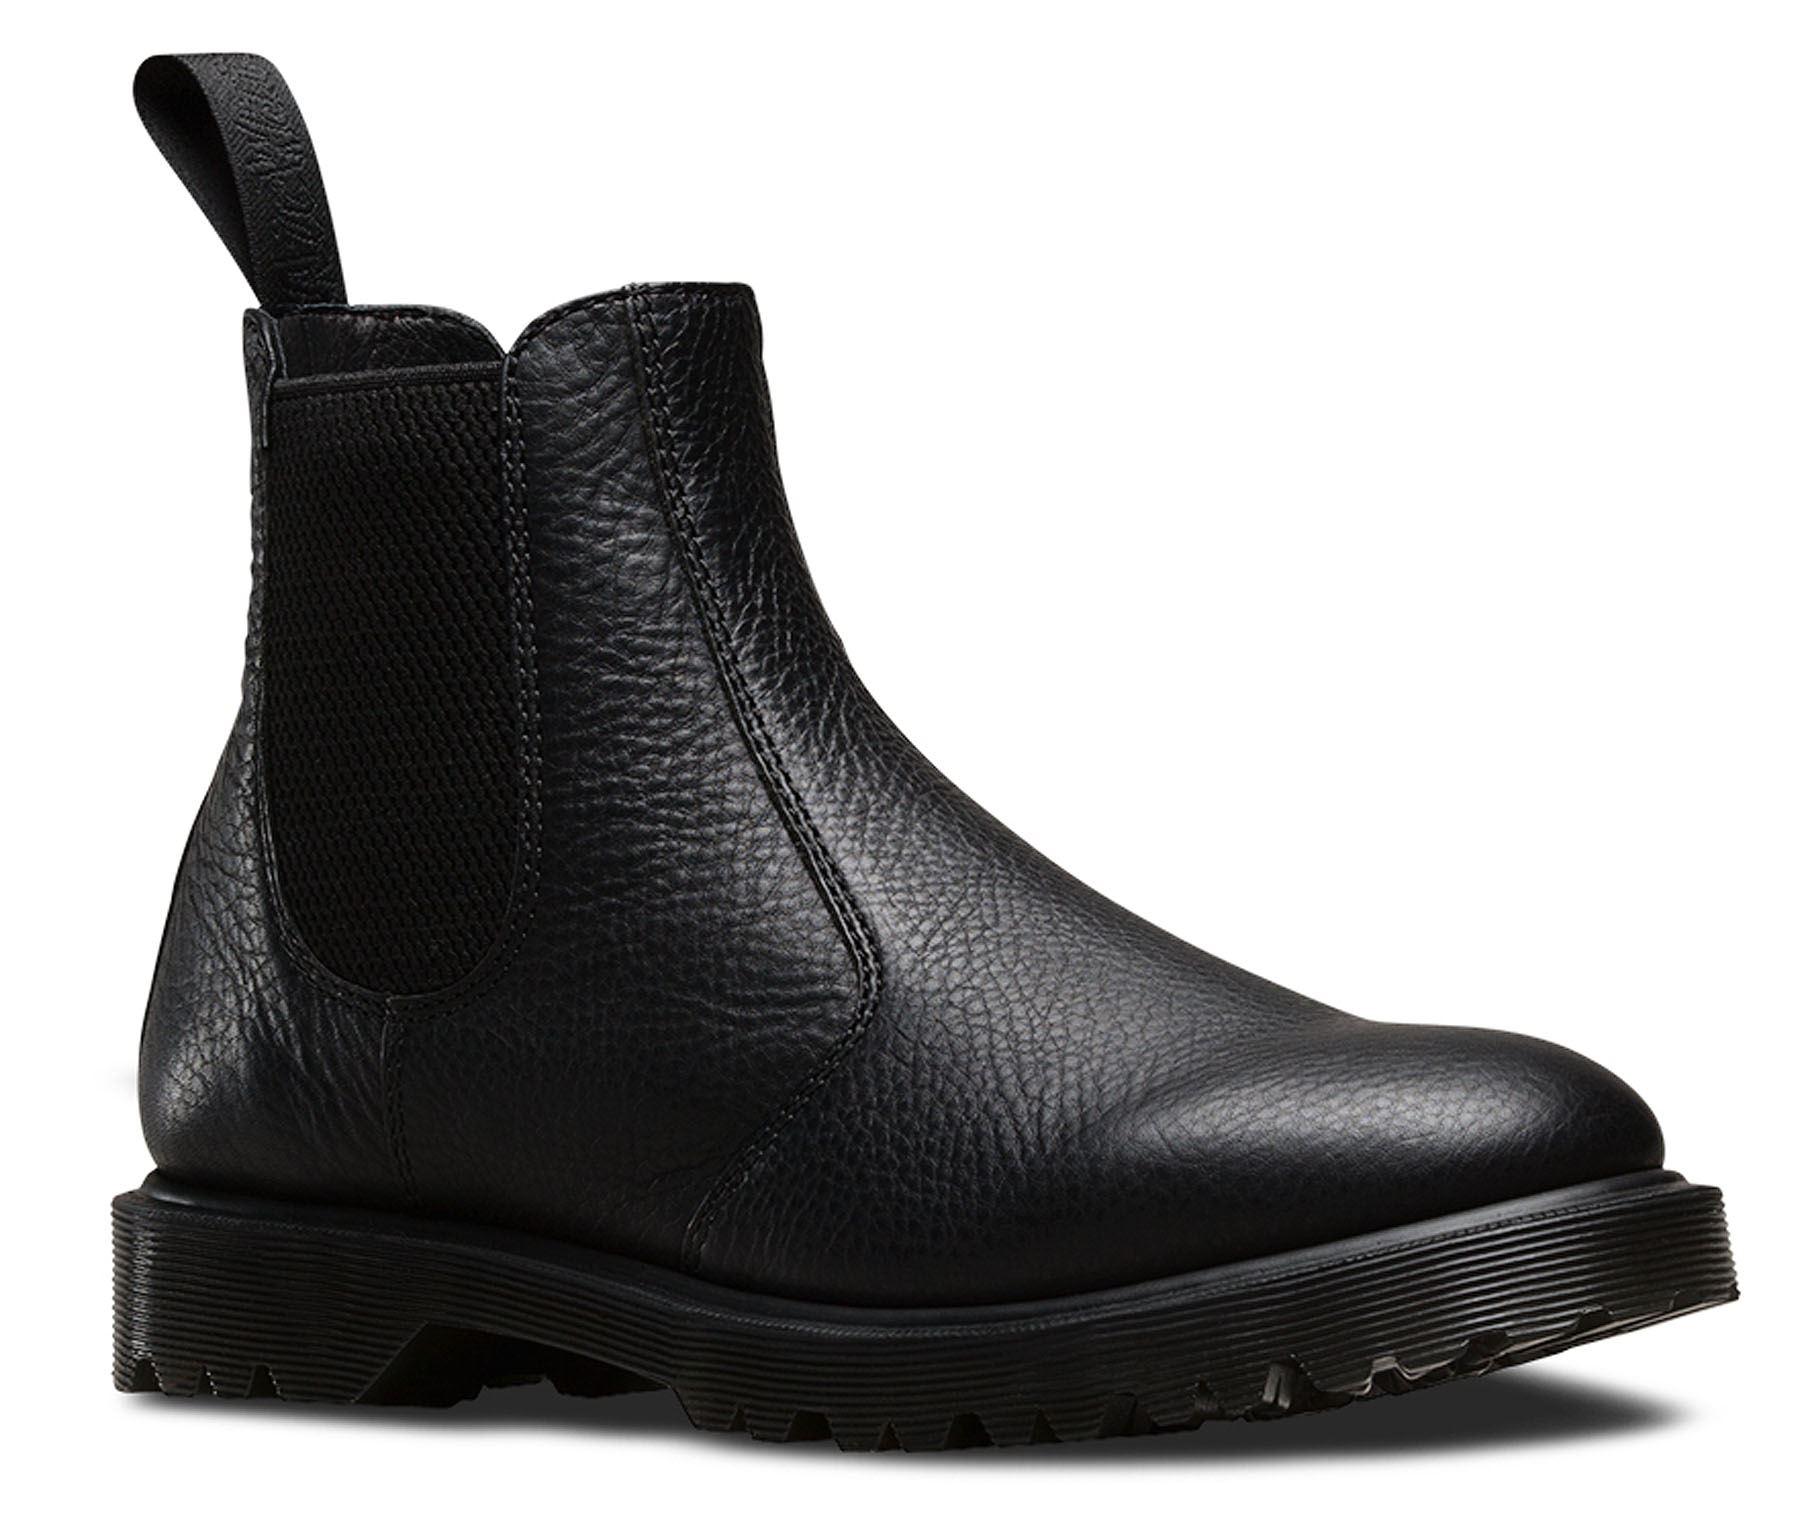 dr martens 2976 mens black inuck grained leather chelsea dealer boots. Black Bedroom Furniture Sets. Home Design Ideas